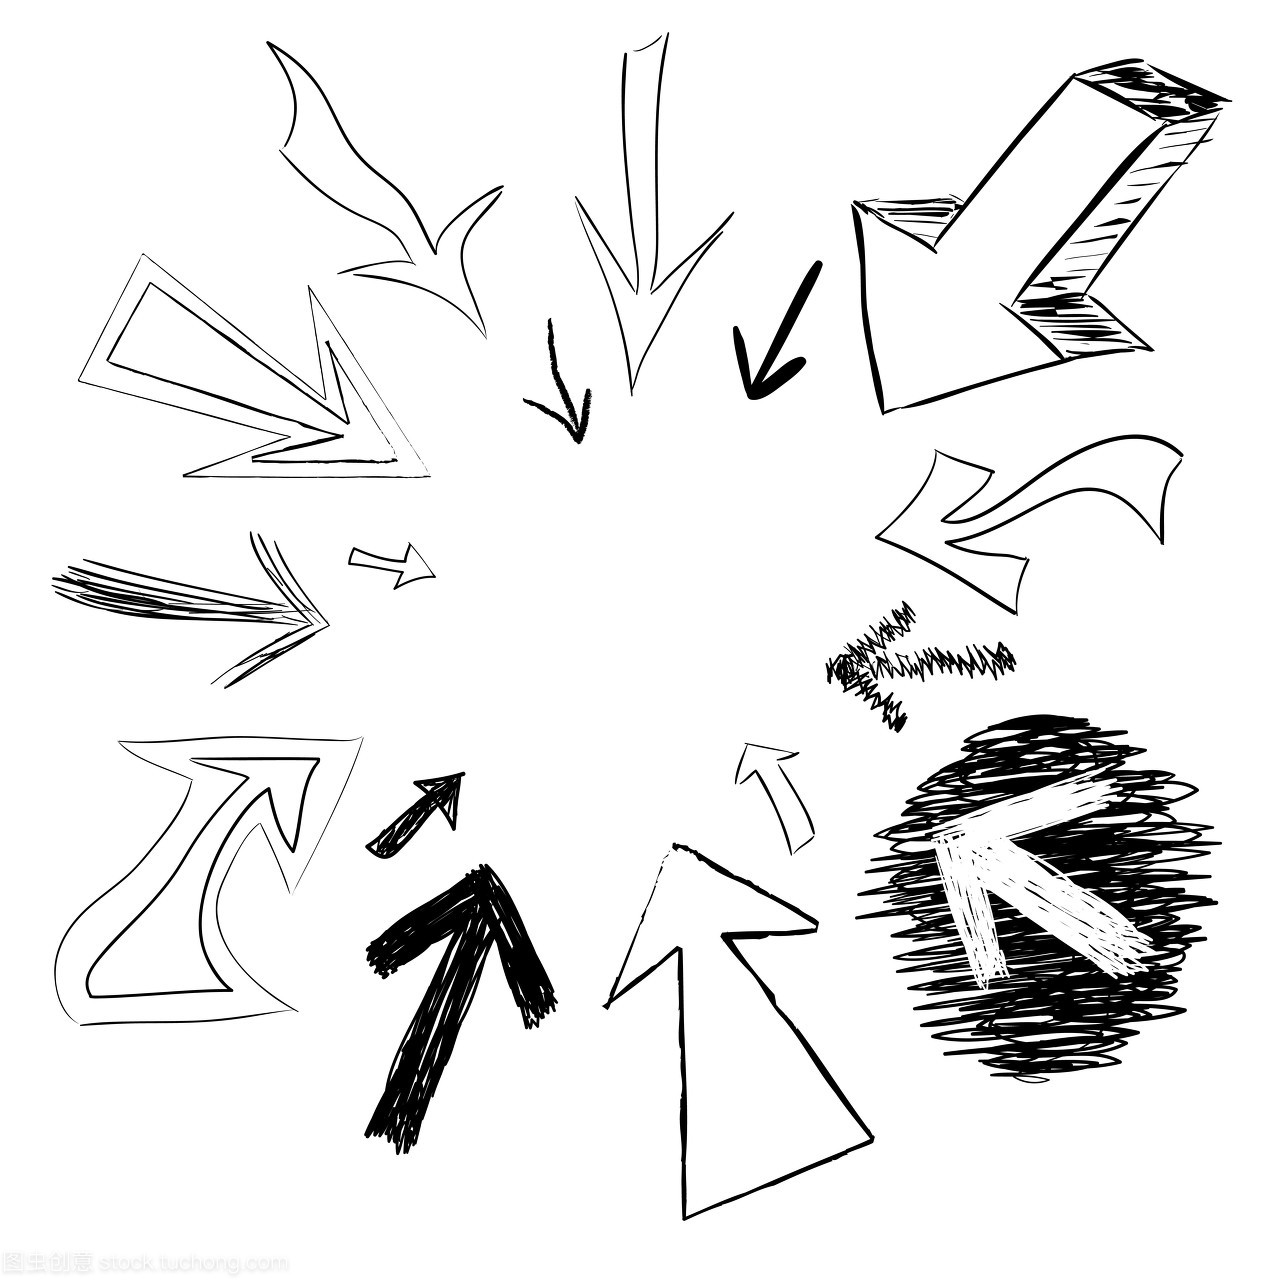 圆圈,墨水,草图,圆形,背景,圆,艺术,图纸,美术,外打印图纸道路怎么图片